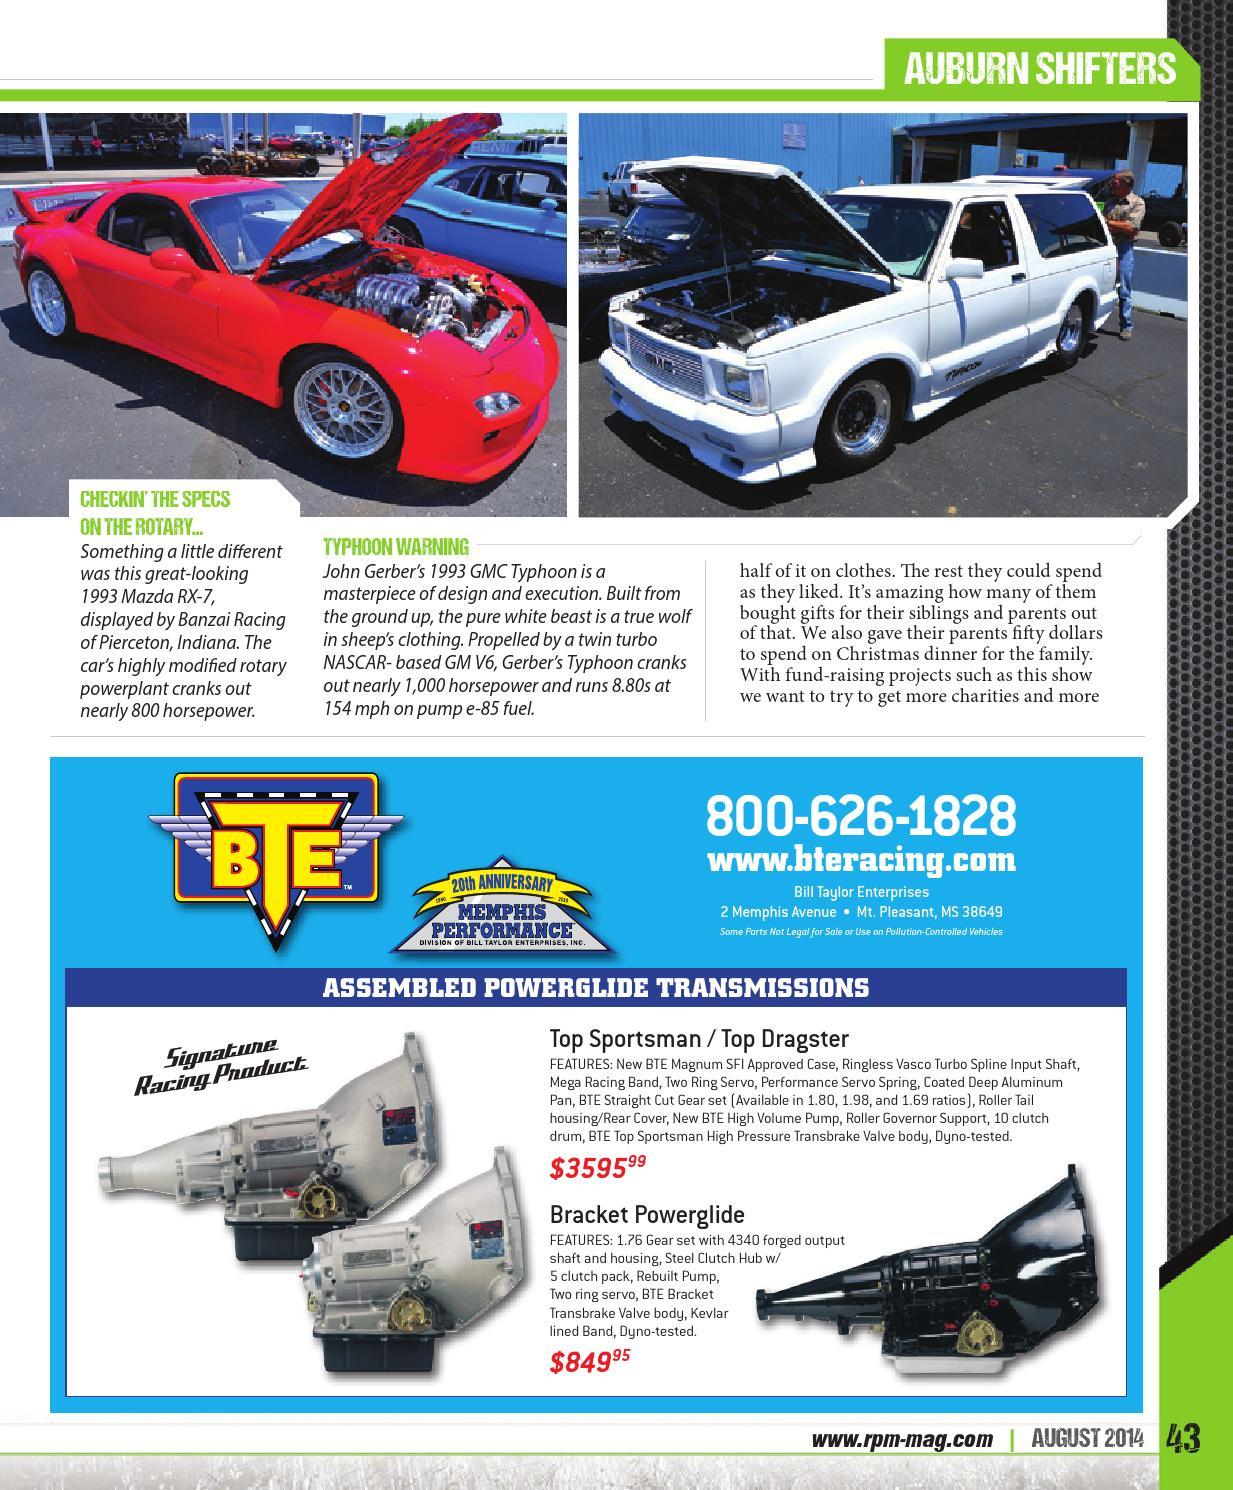 RPM Magazine August Issue 2014 by RPM Magazine - issuu